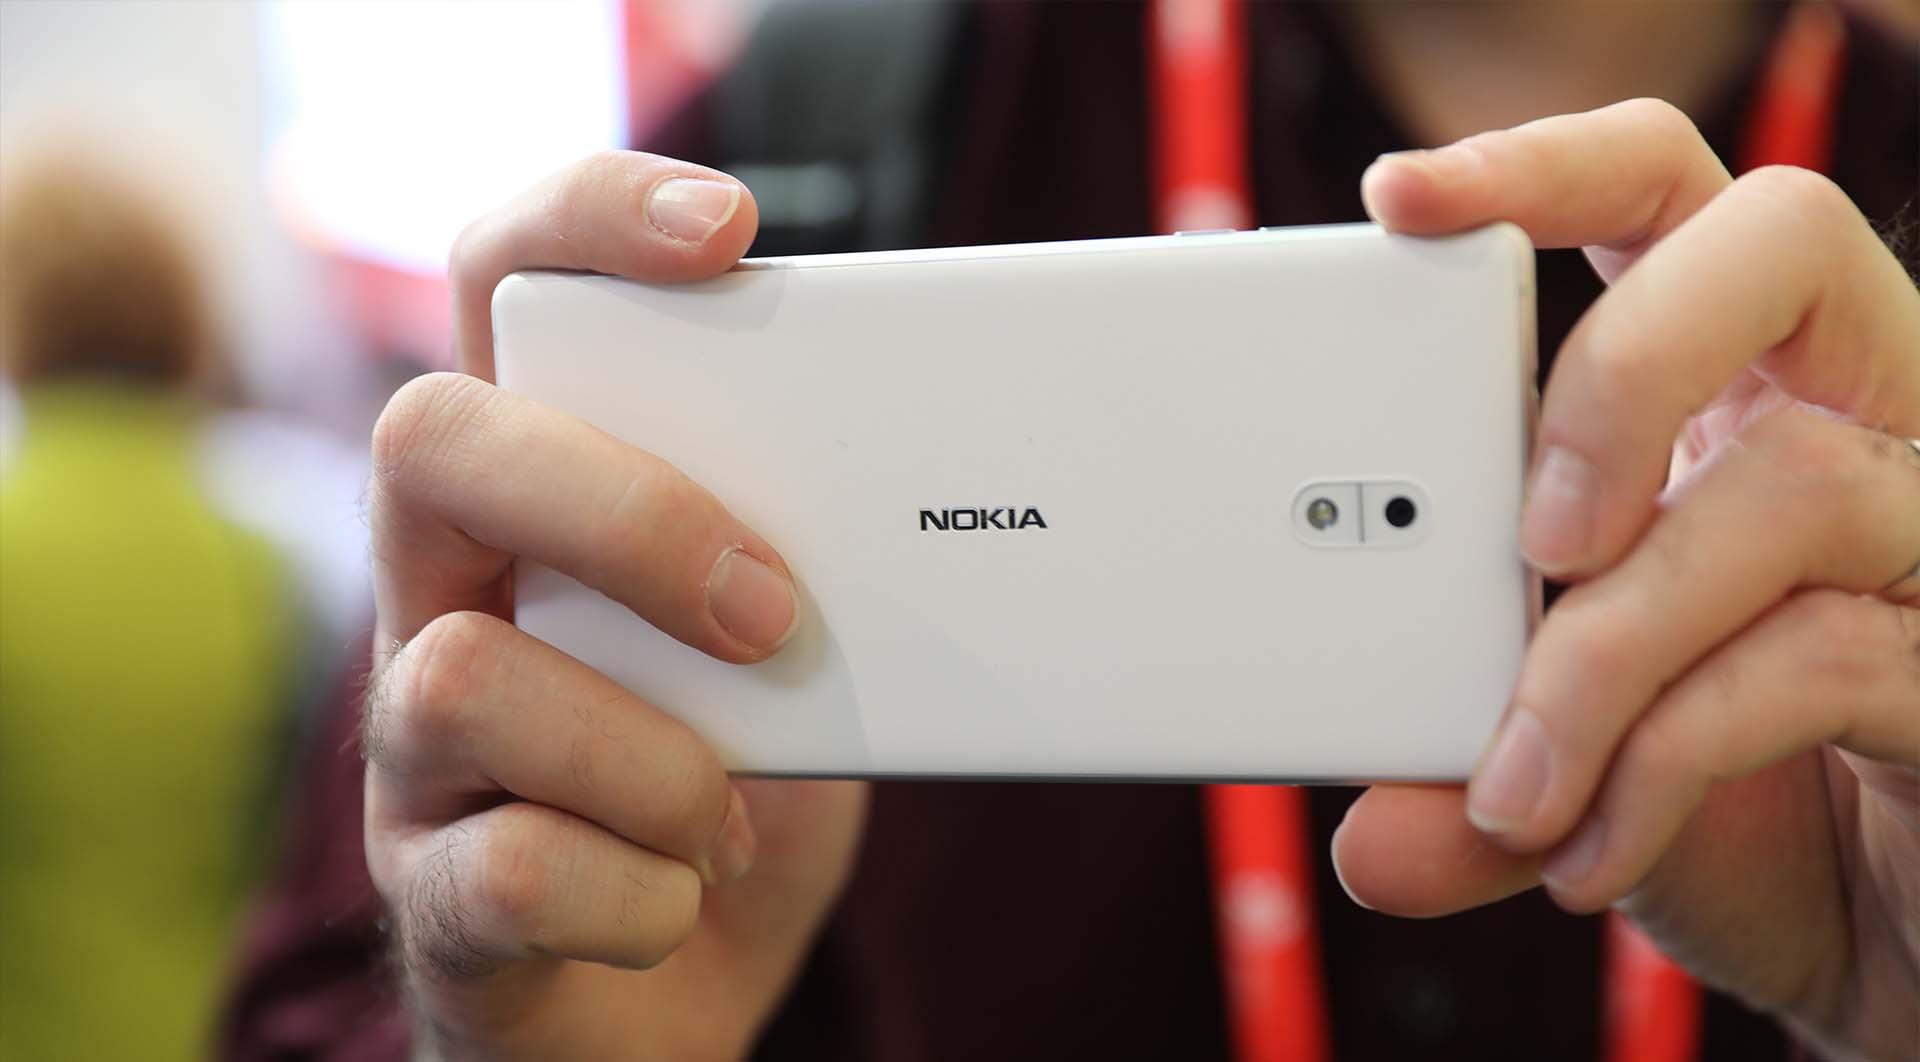 گوشی هوشمند نوکیا۶ با دوربین و قابلیتهای بسیار بالا + تصاویر